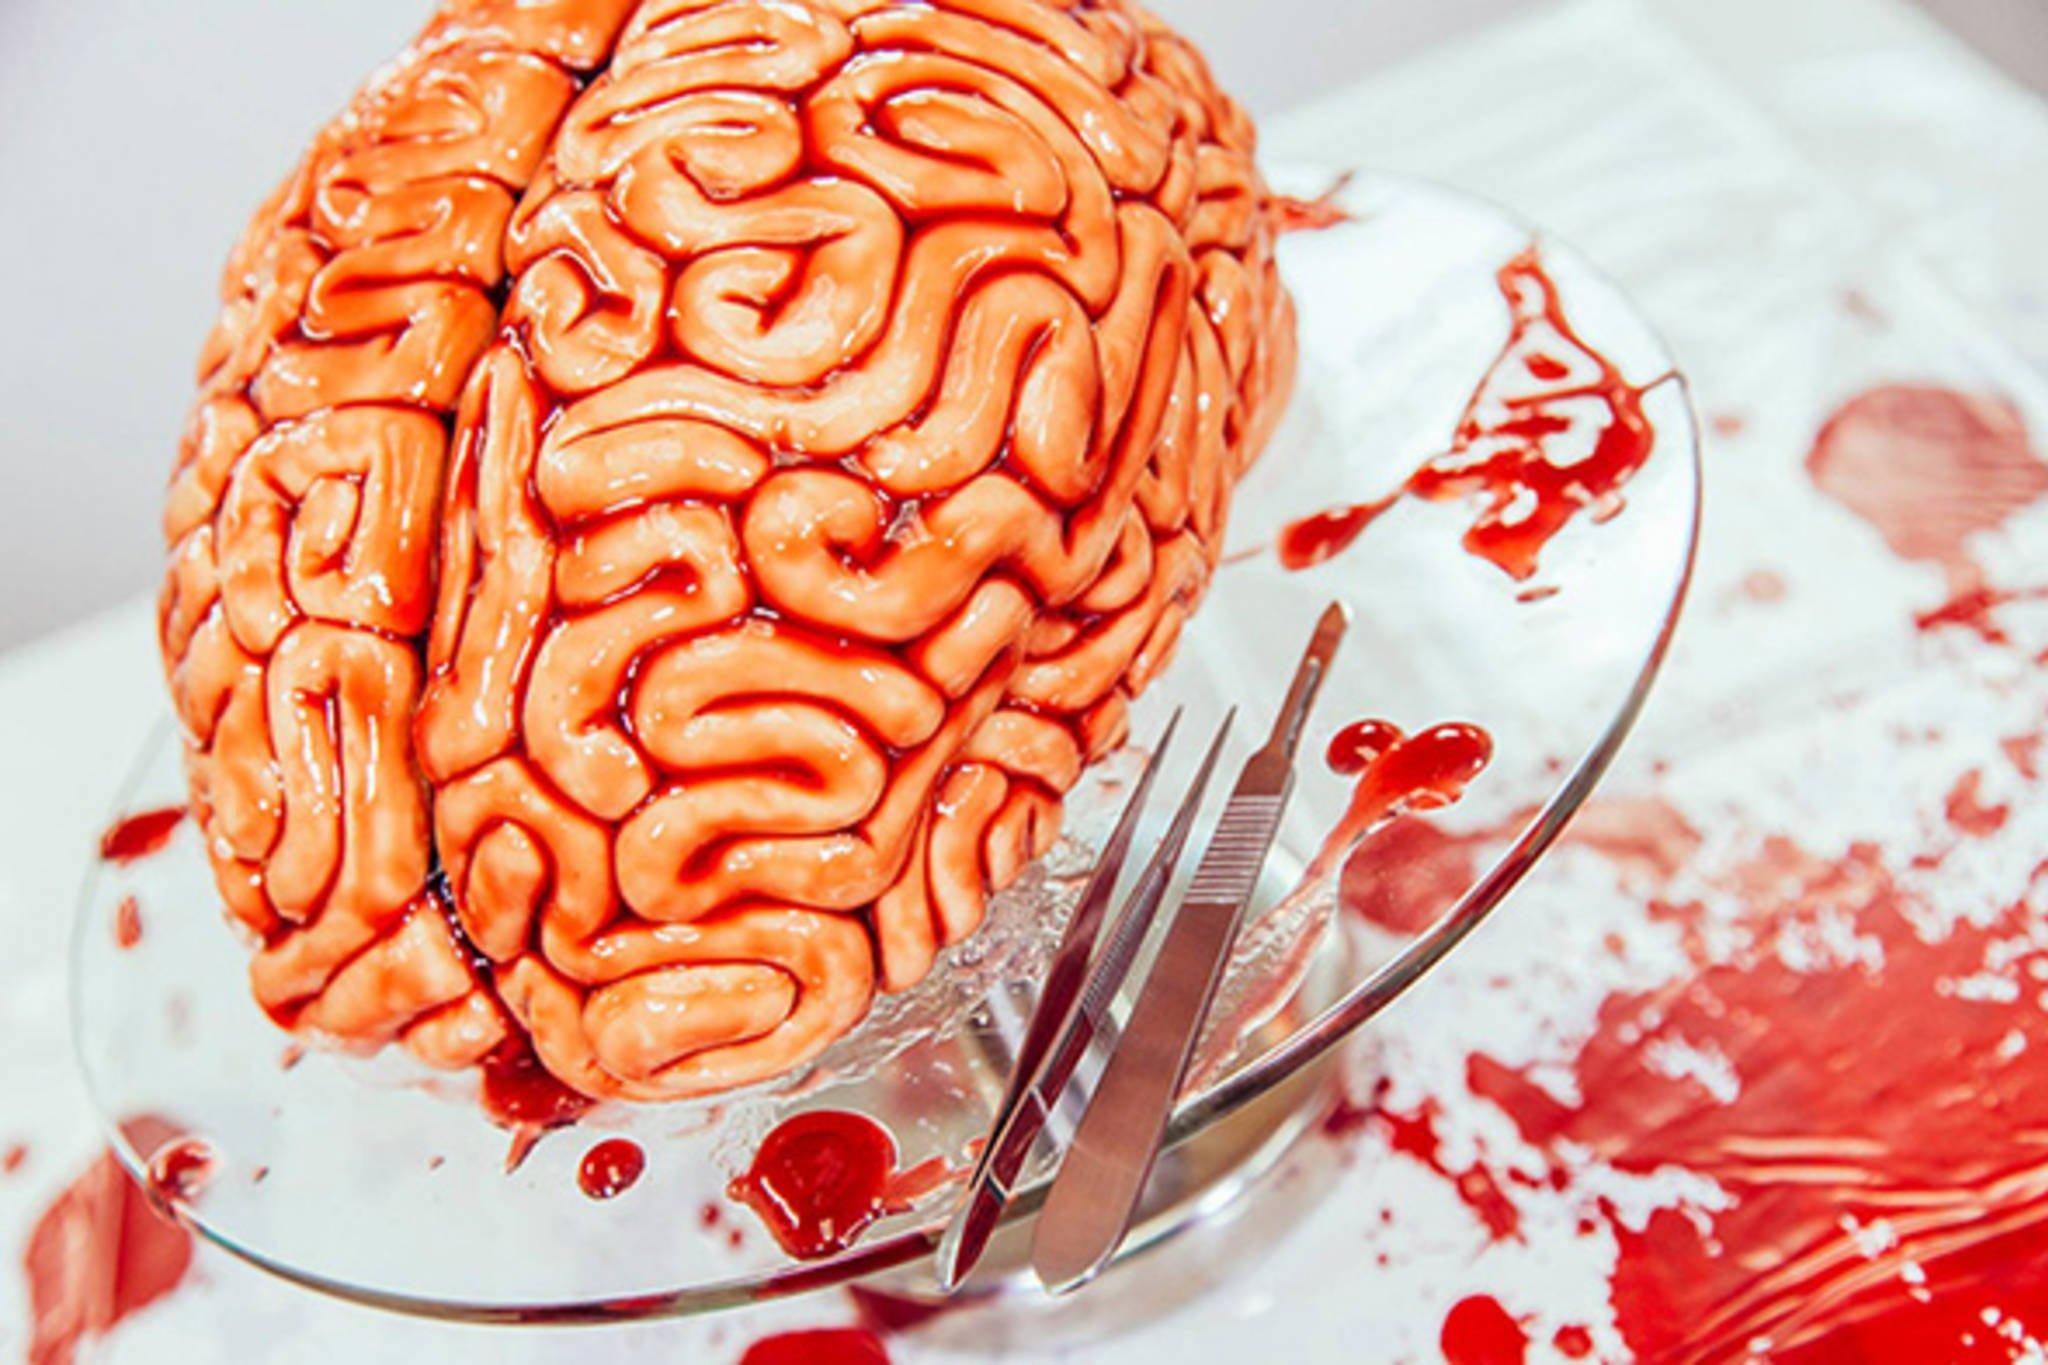 двухкомнатную квартиру ест мозги картинка тем